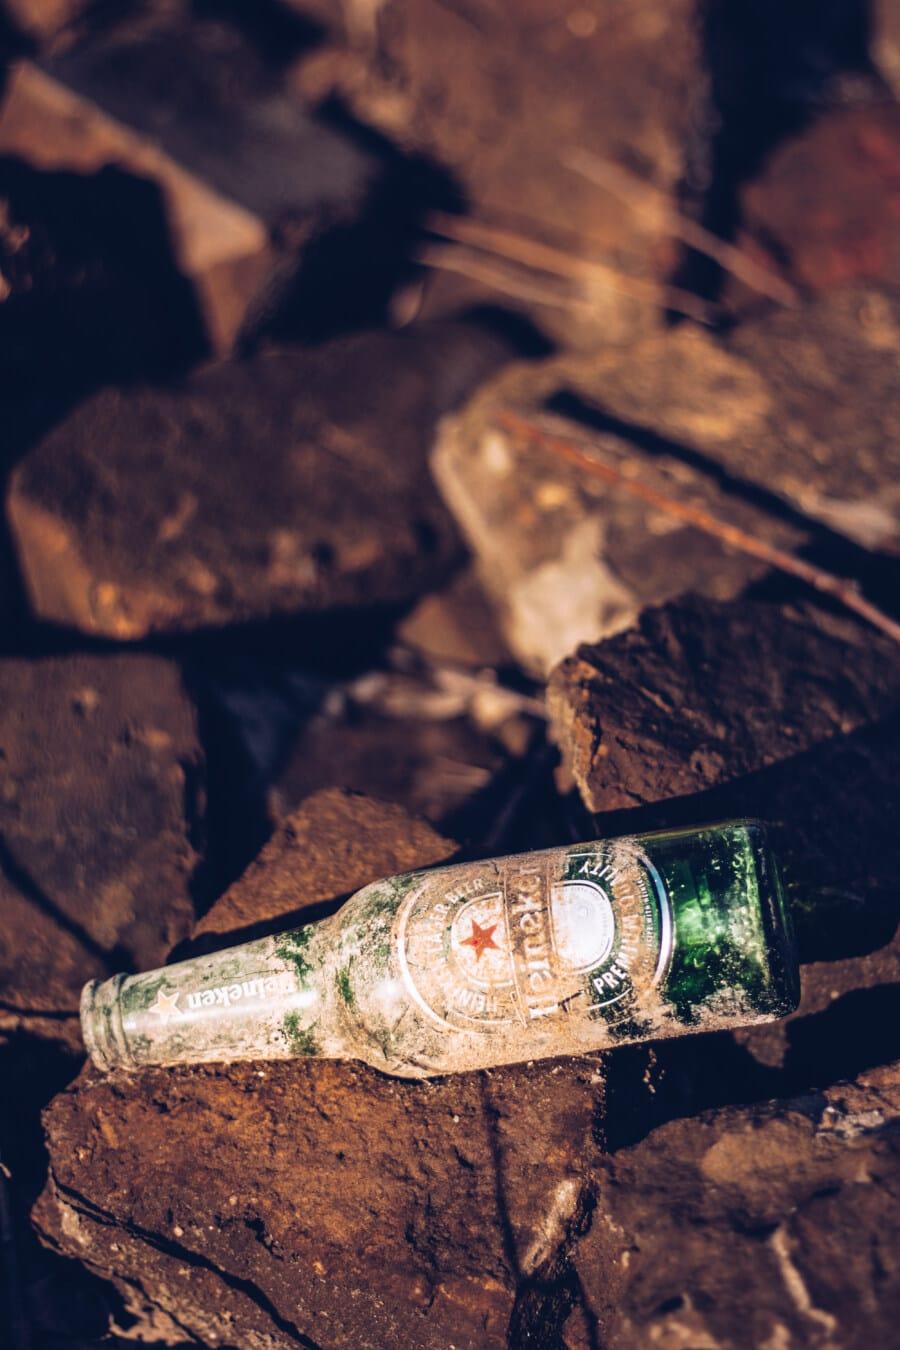 dunkelgrün, Flasche, Bier, Abfälle, verlassen, dreckig, Verfall, Papierkorb, Müll, Trinken